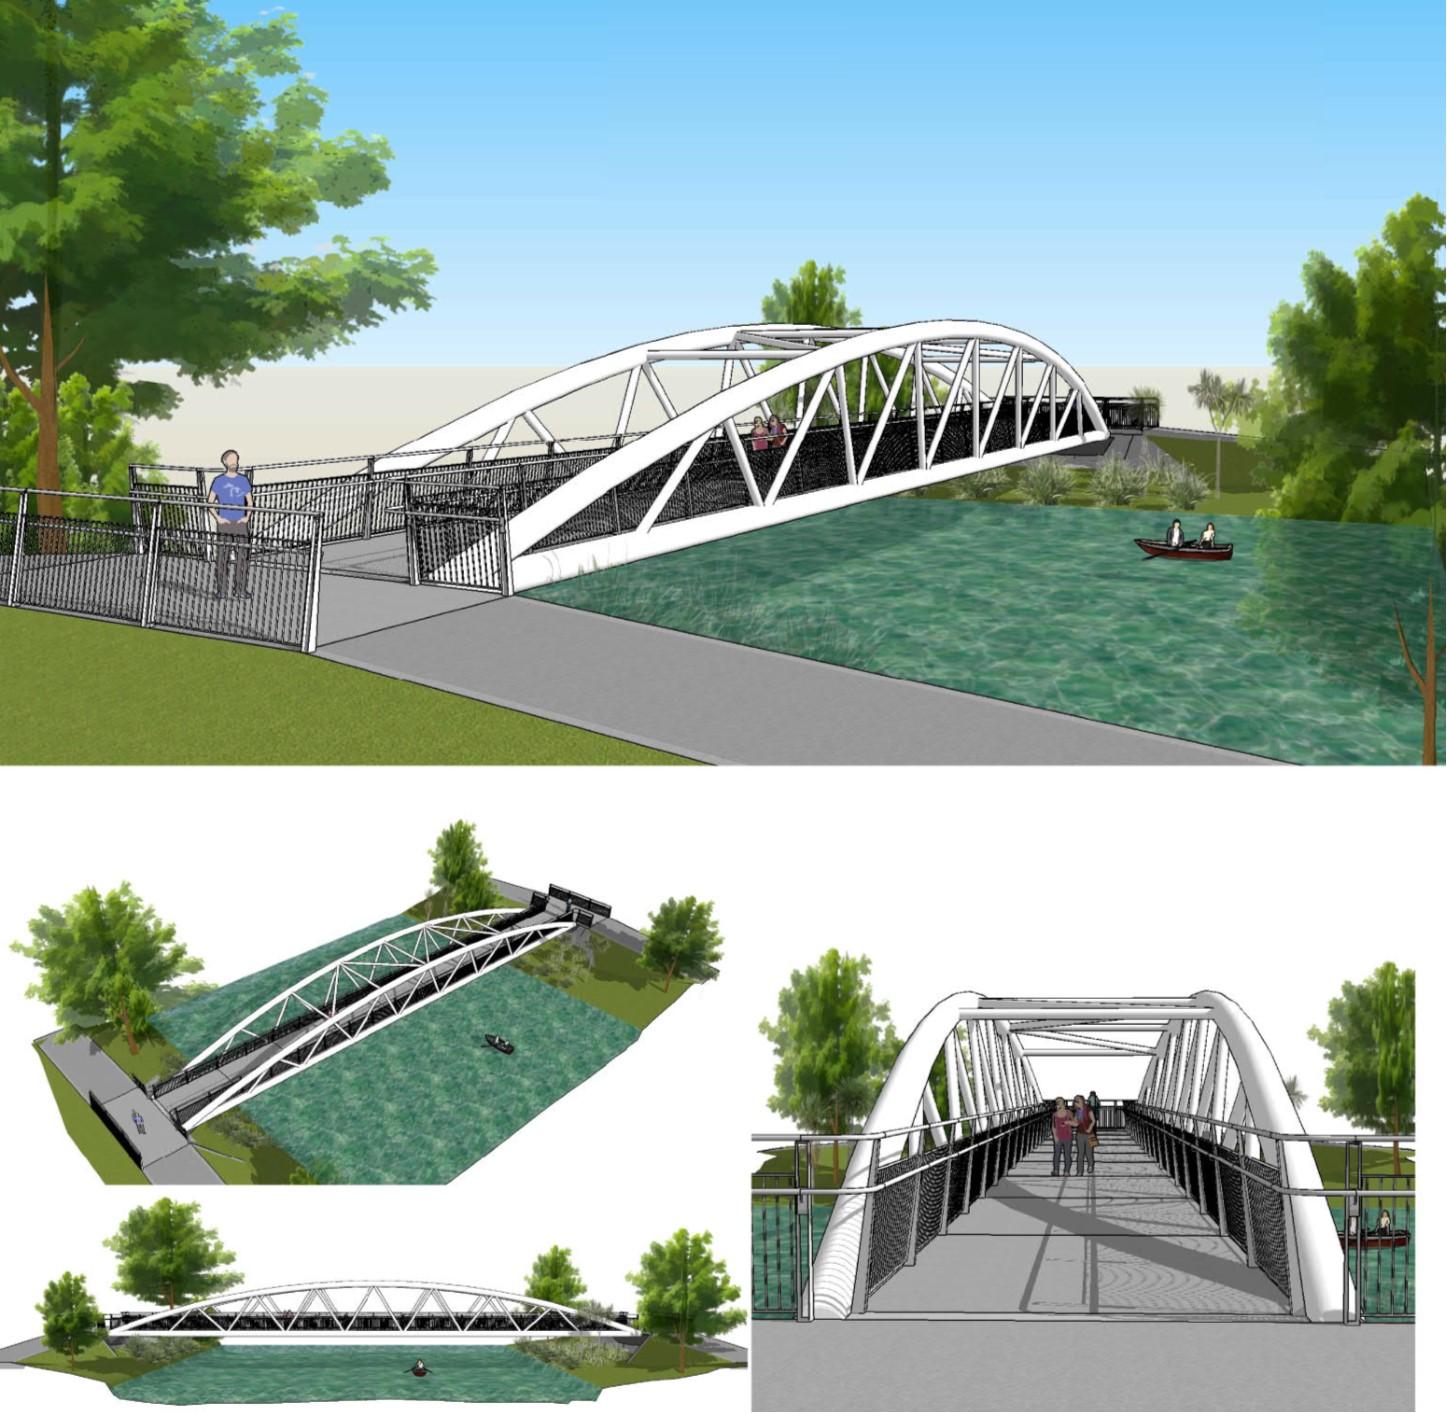 Artist impression of Medway Bridge